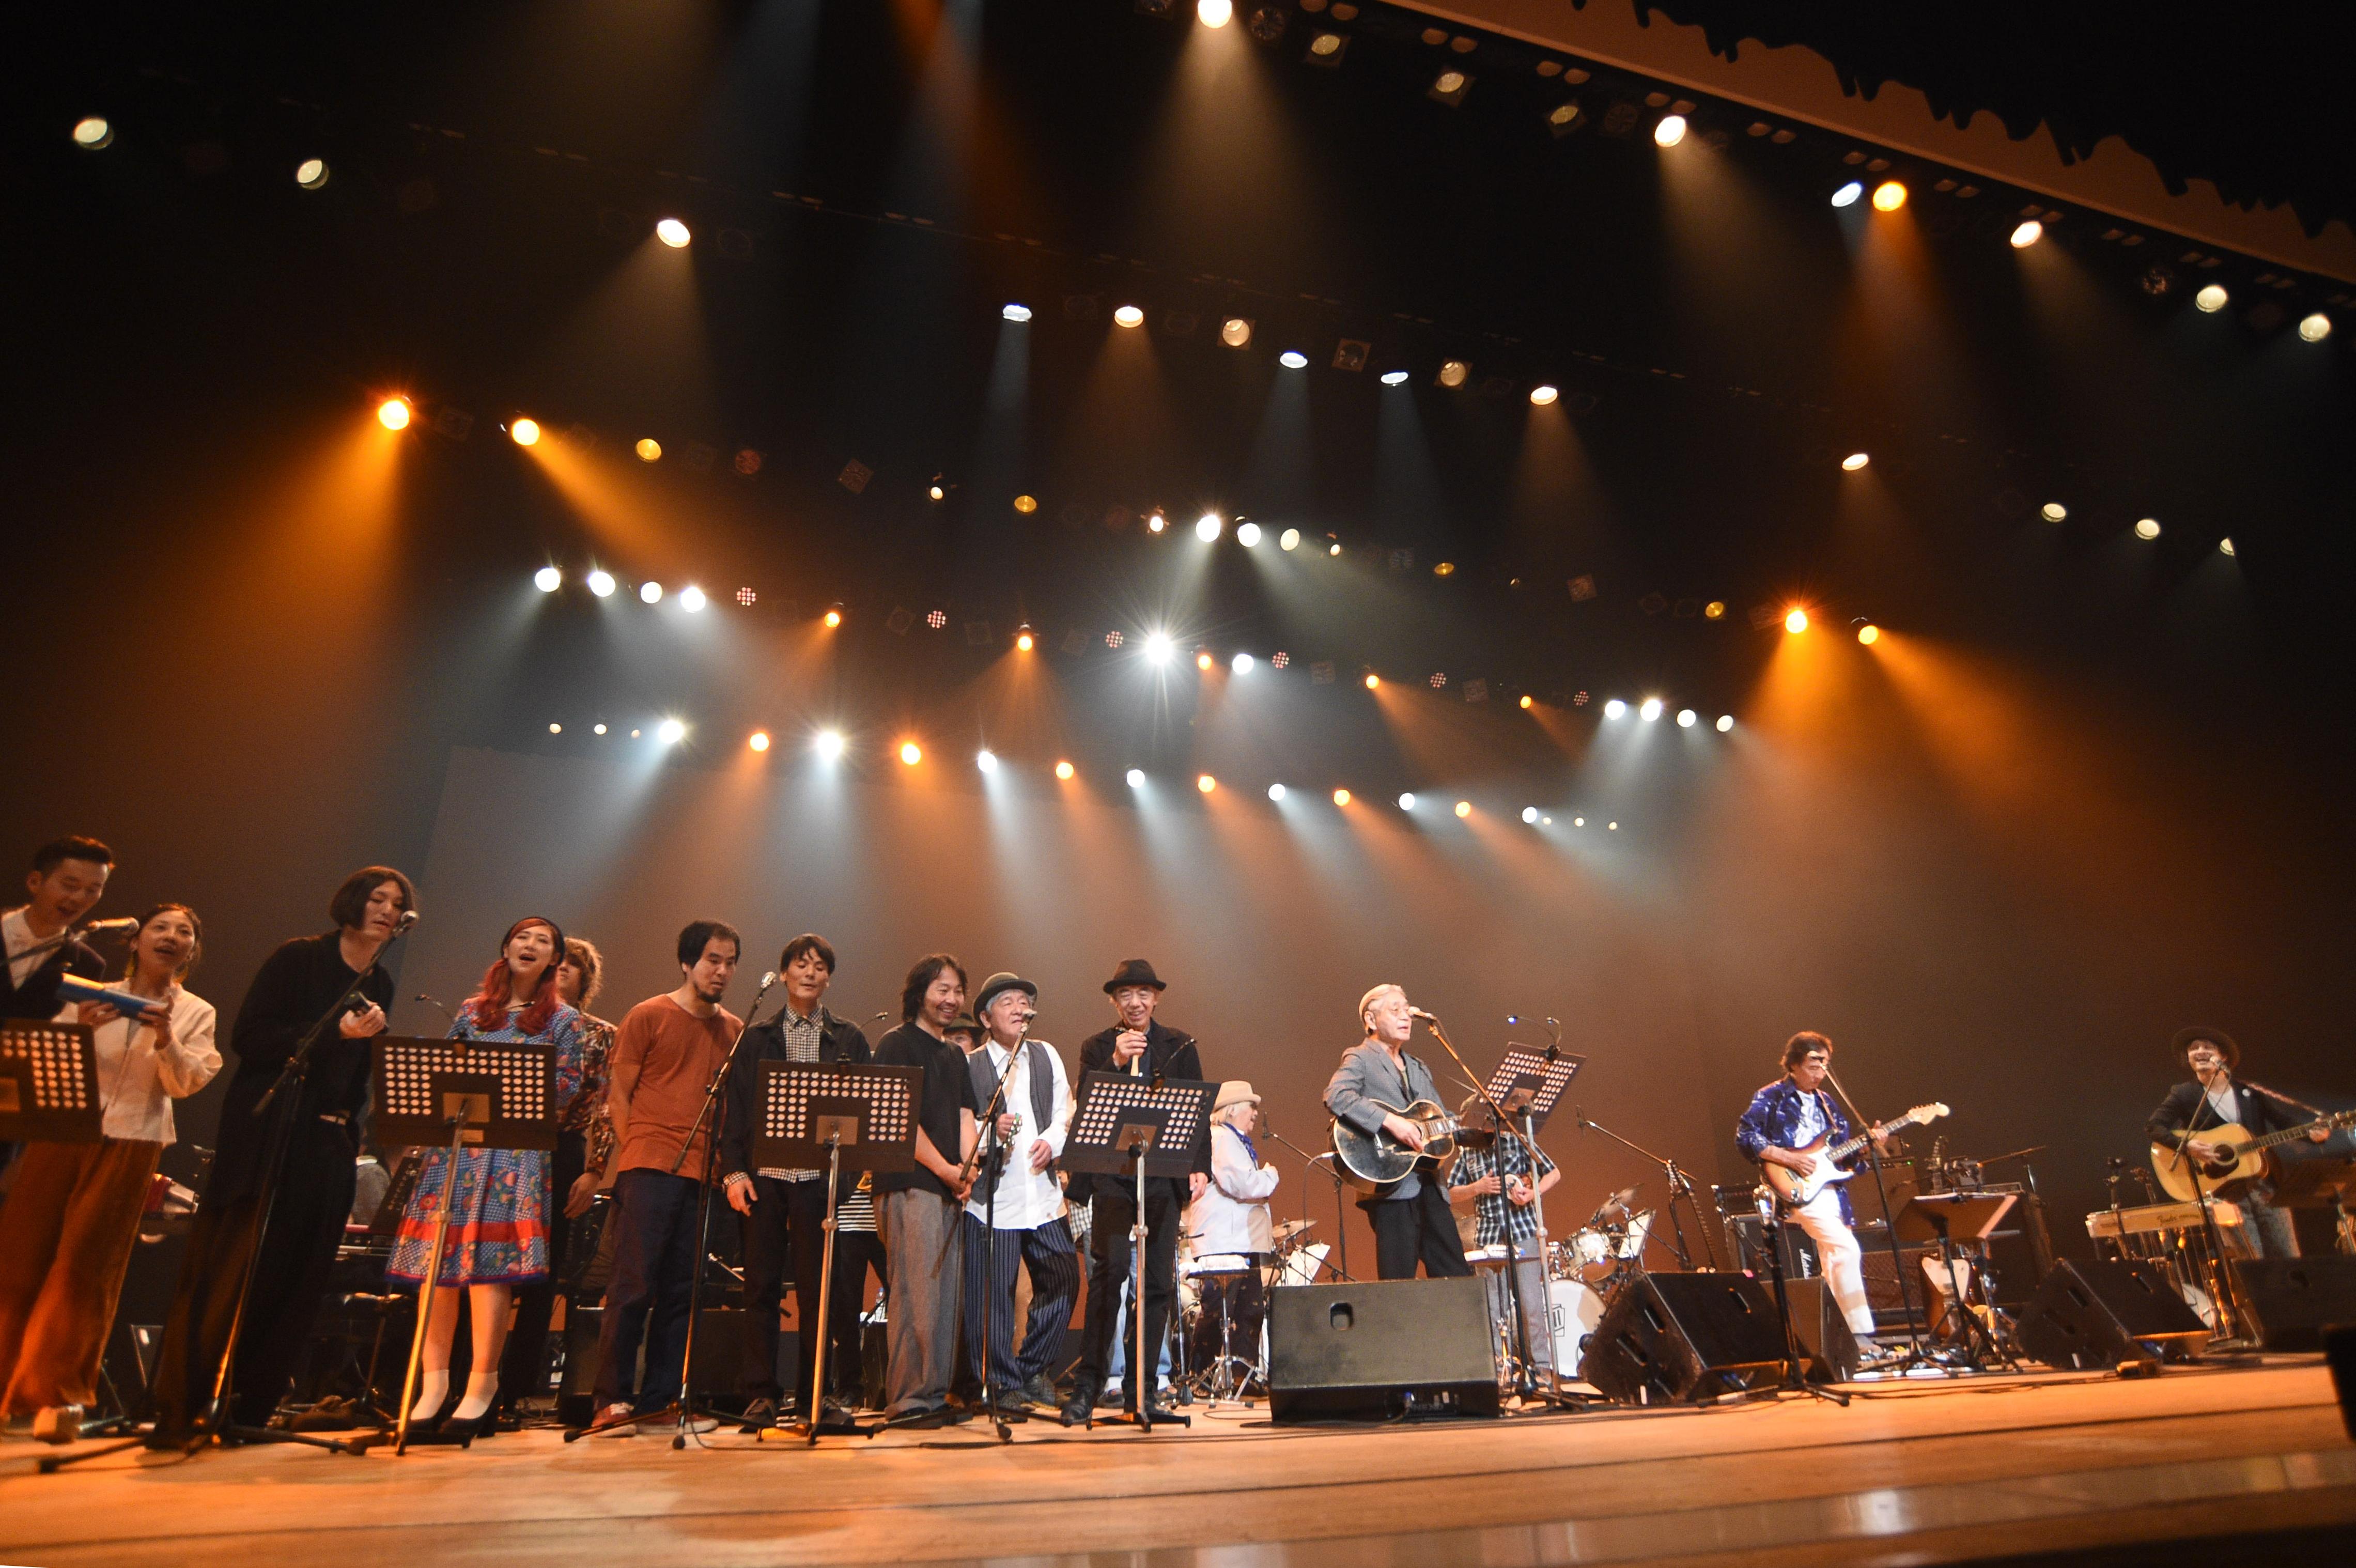 10月8日(日)@『ベルウッド・レコード45周年記念コンサート』